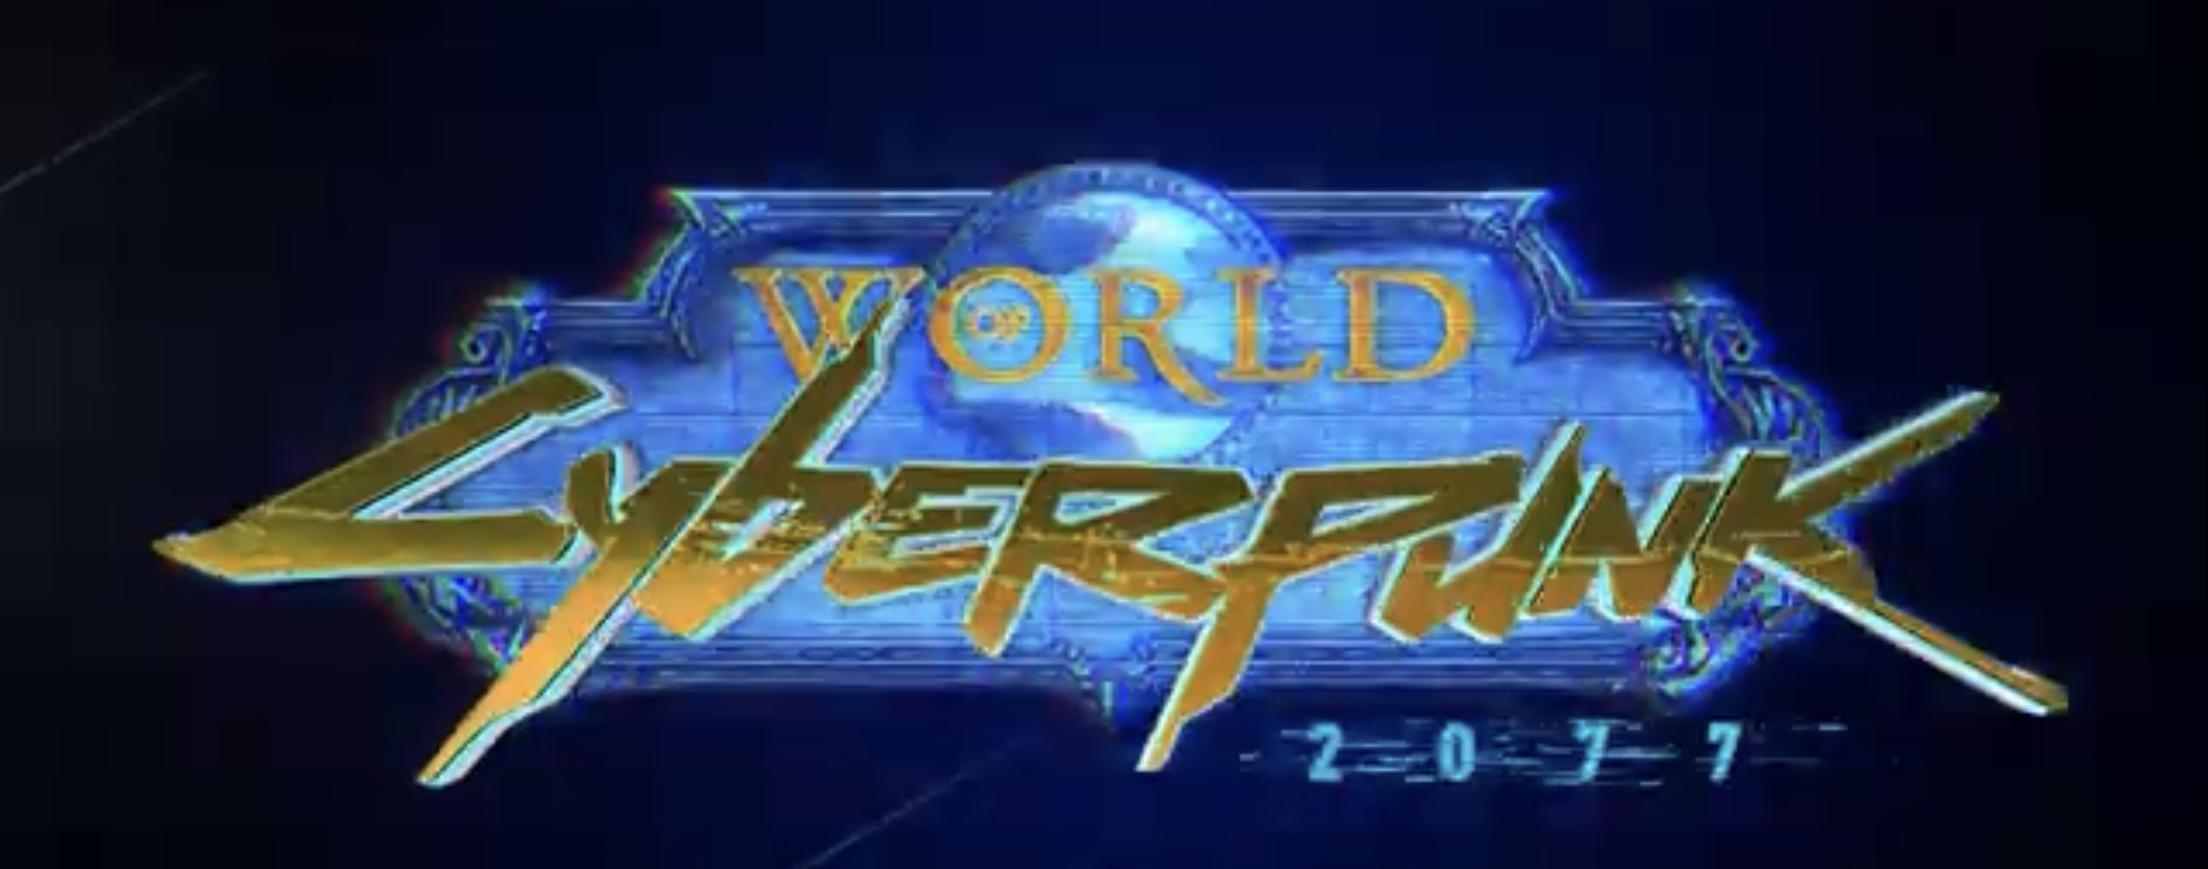 Cyberpunk 2077, World of Warcraft